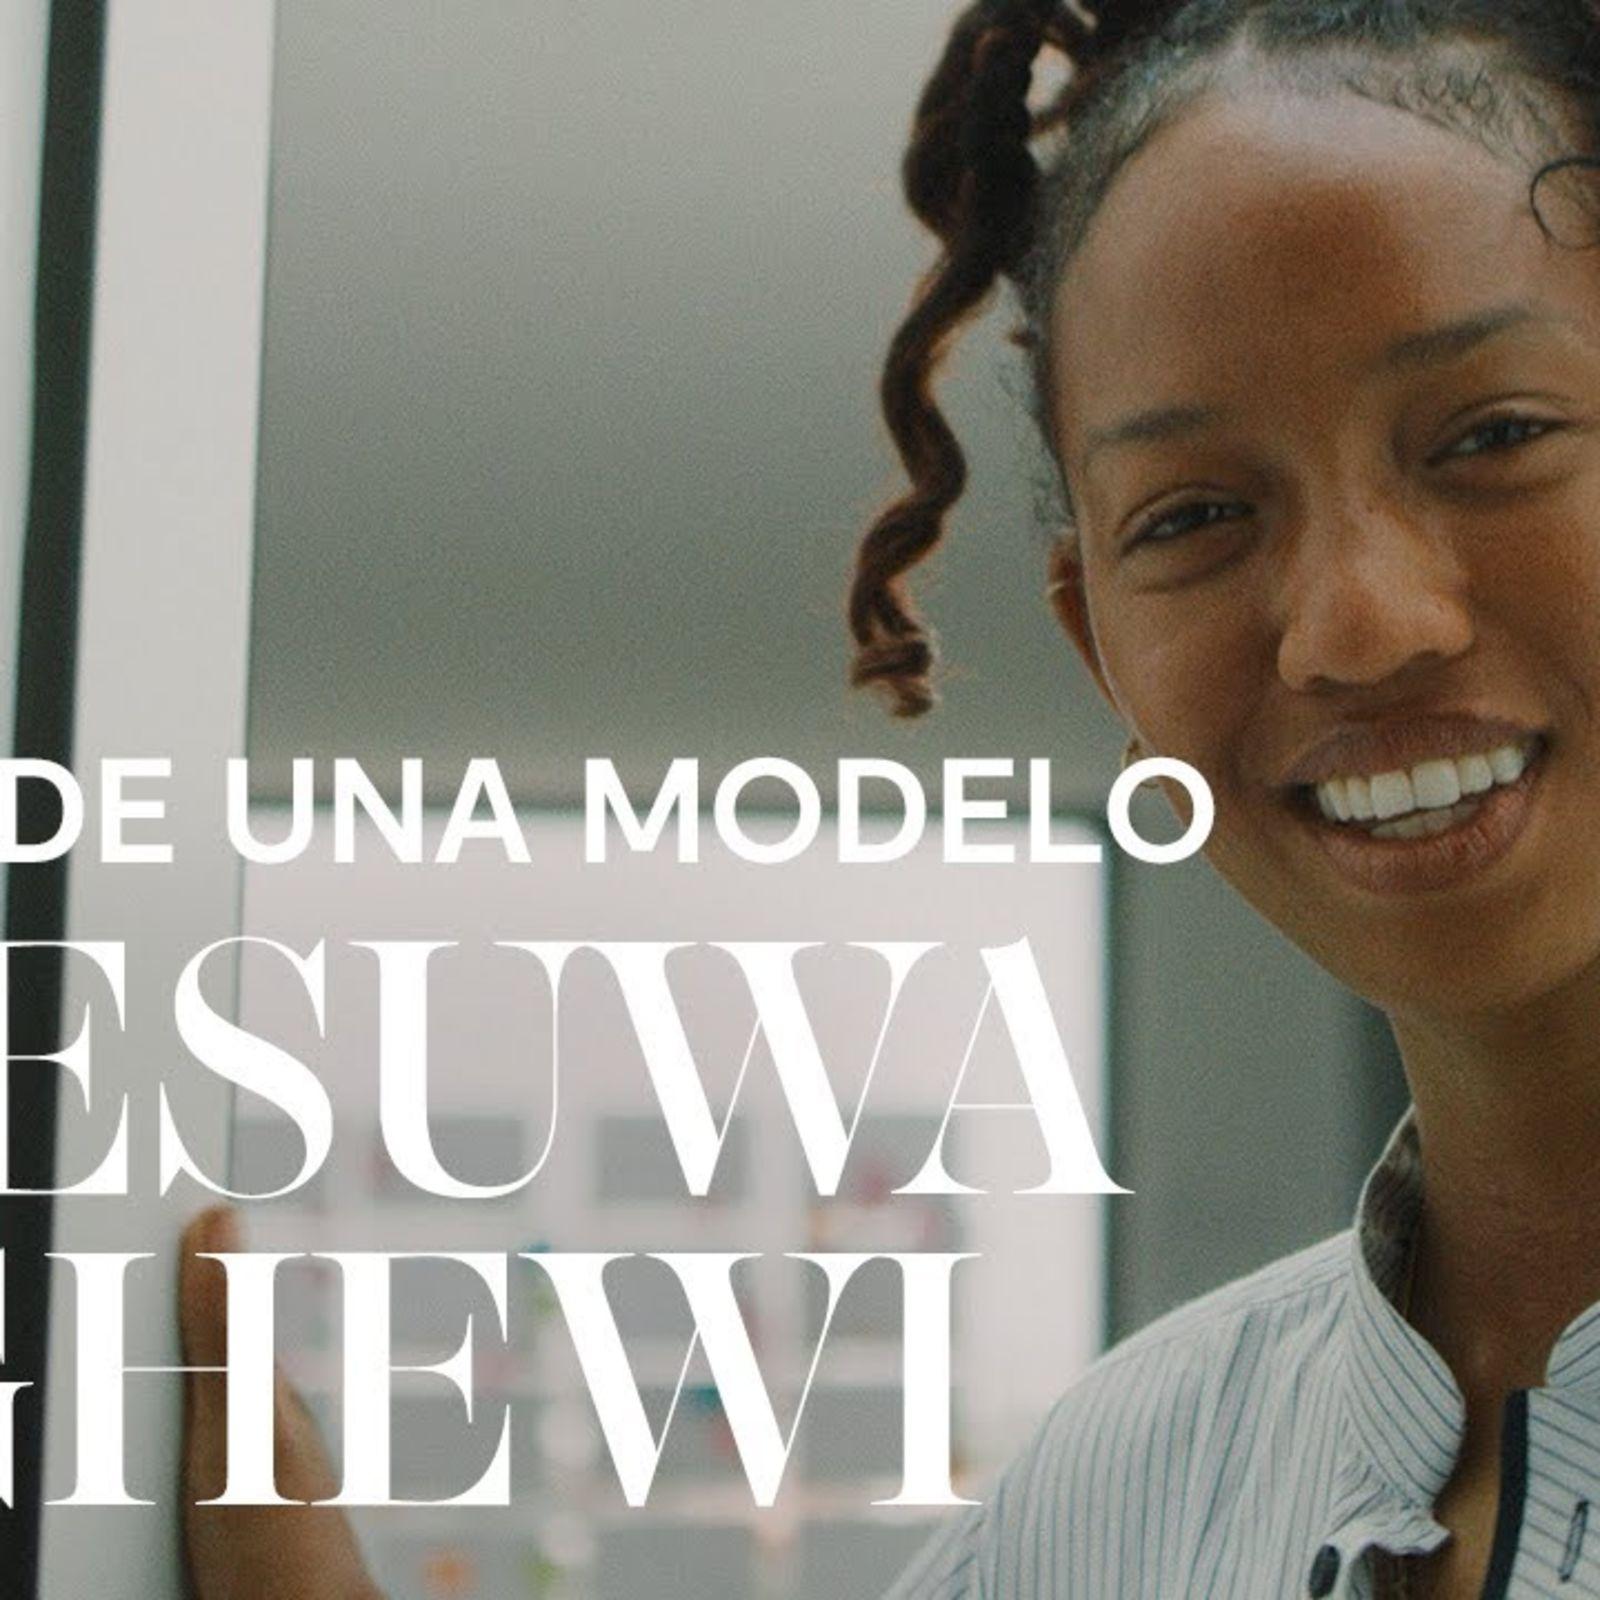 Cómo la modelo Adesuwa Aighewi pasa un día en Acra | Diario de una modelo